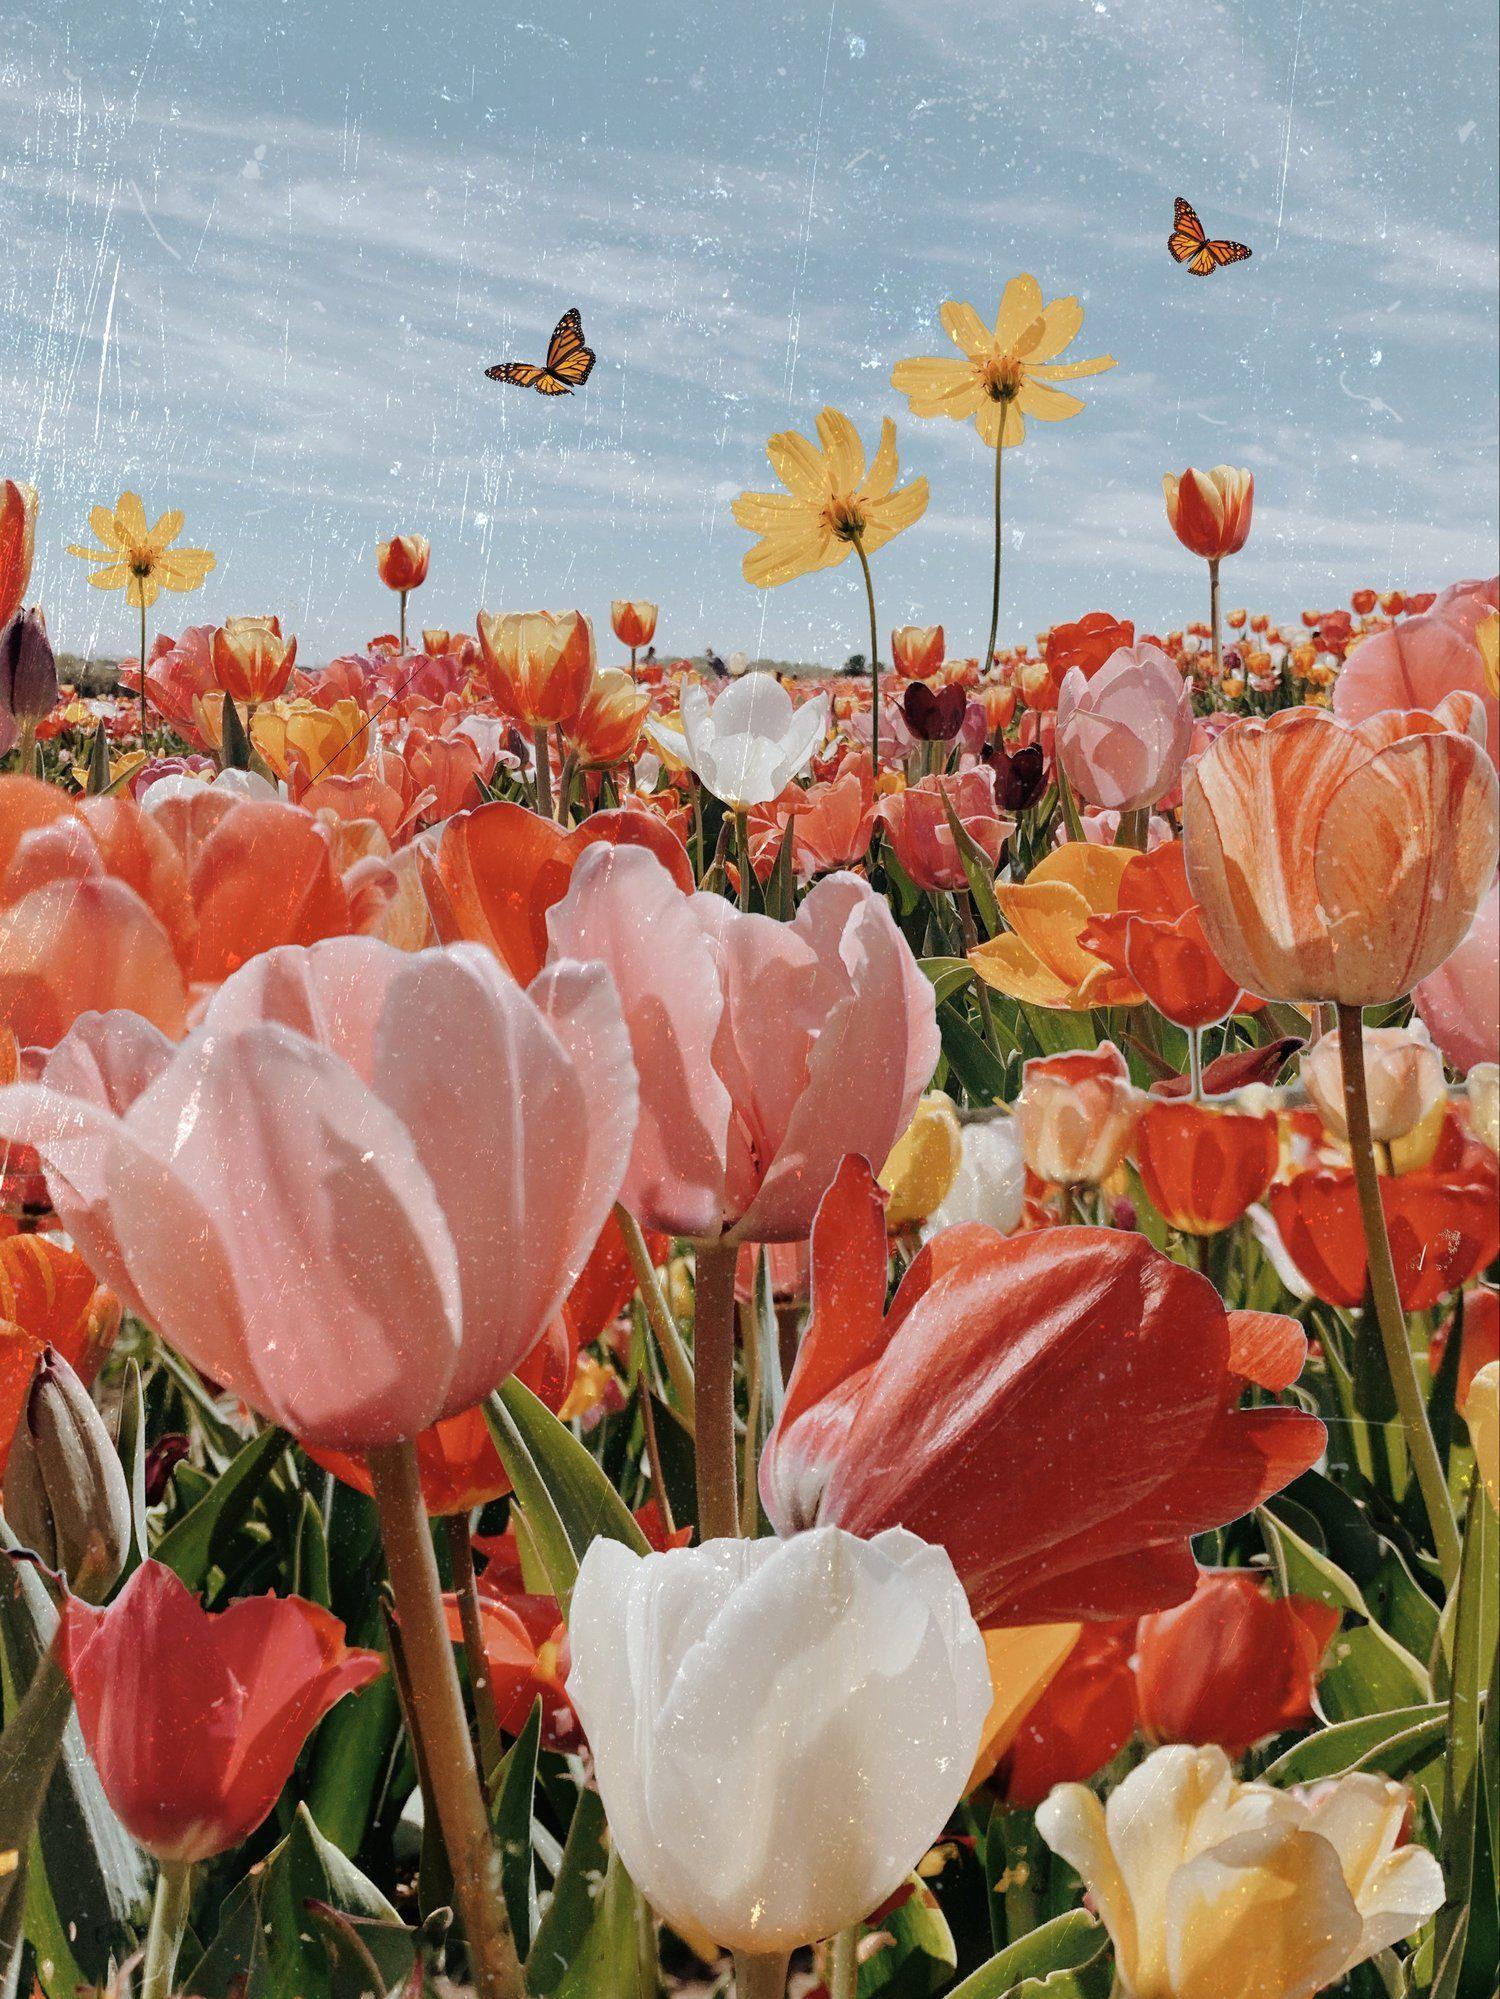 Tulip Season A Map Of Dreams In 2020 Flower Aesthetic Flower